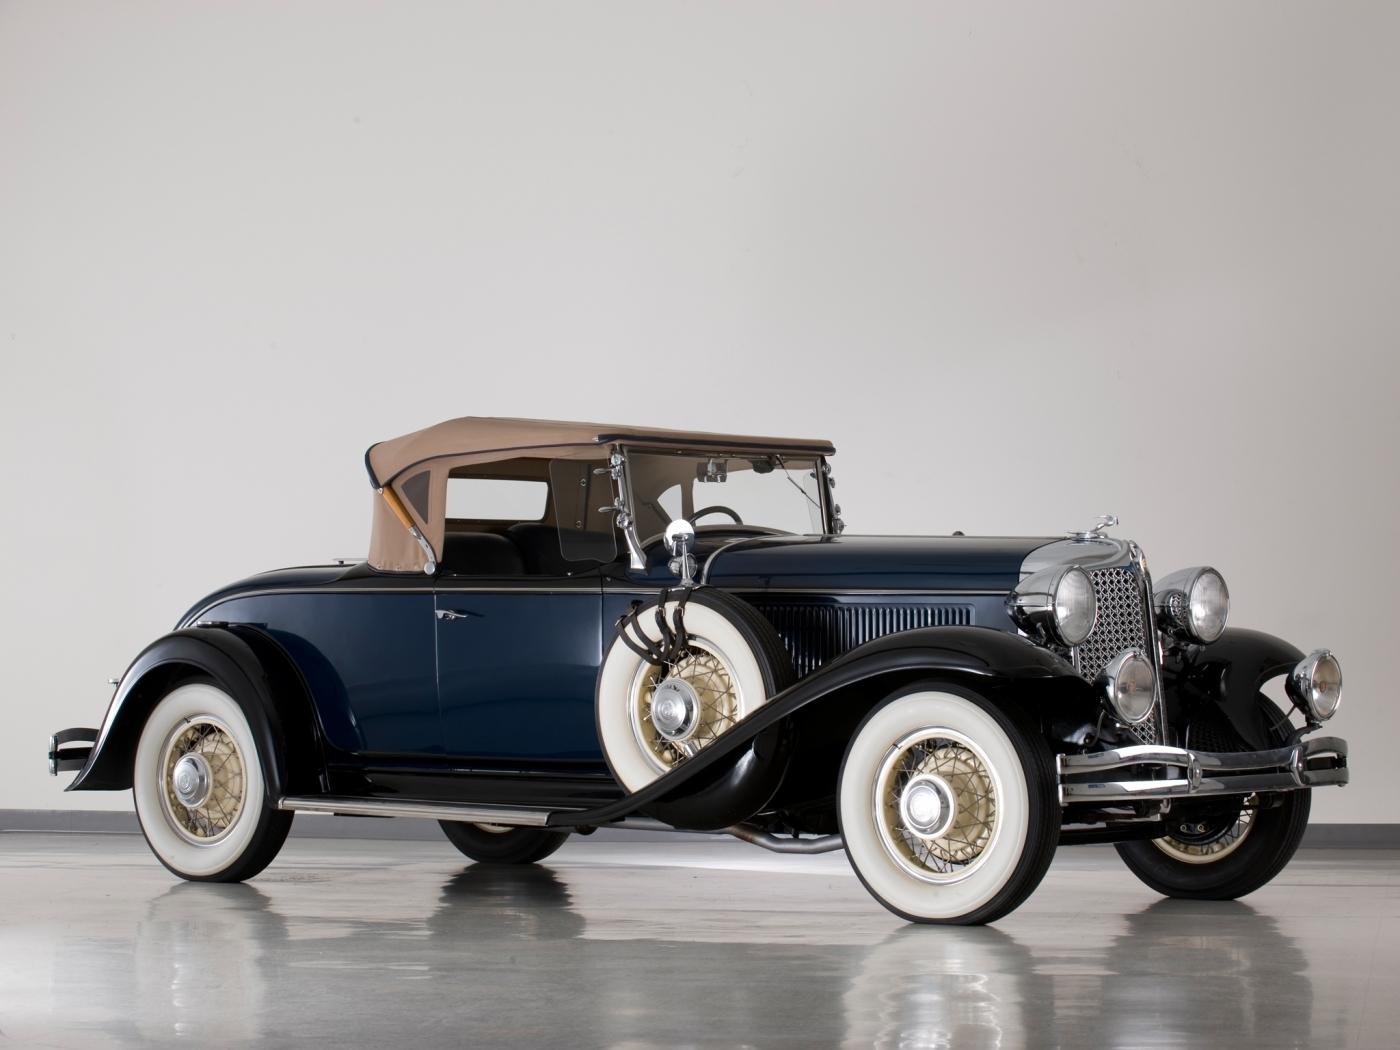 23680 скачать обои Транспорт, Машины, Ролс Ройс (Rolls-Royce) - заставки и картинки бесплатно